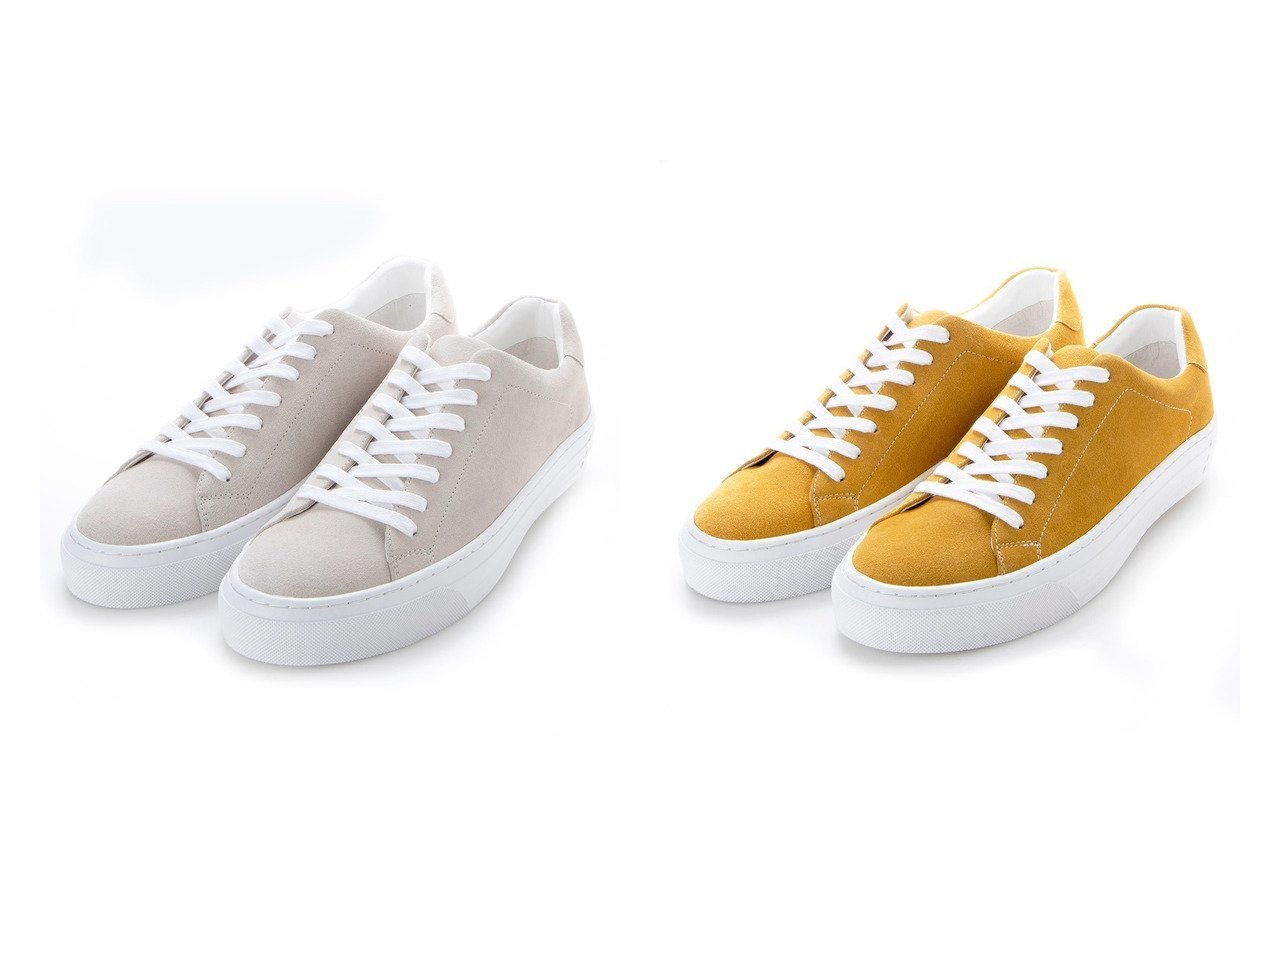 【NINE ADDICTION/ナインアディクション】のロゴソールレースアップスニーカー 【シューズ・靴】おすすめ!人気、トレンド・レディースファッションの通販 おすすめで人気の流行・トレンド、ファッションの通販商品 インテリア・家具・メンズファッション・キッズファッション・レディースファッション・服の通販 founy(ファニー) https://founy.com/ ファッション Fashion レディースファッション WOMEN インソール コレクション スエード フェミニン ベーシック ライニング |ID:crp329100000069191